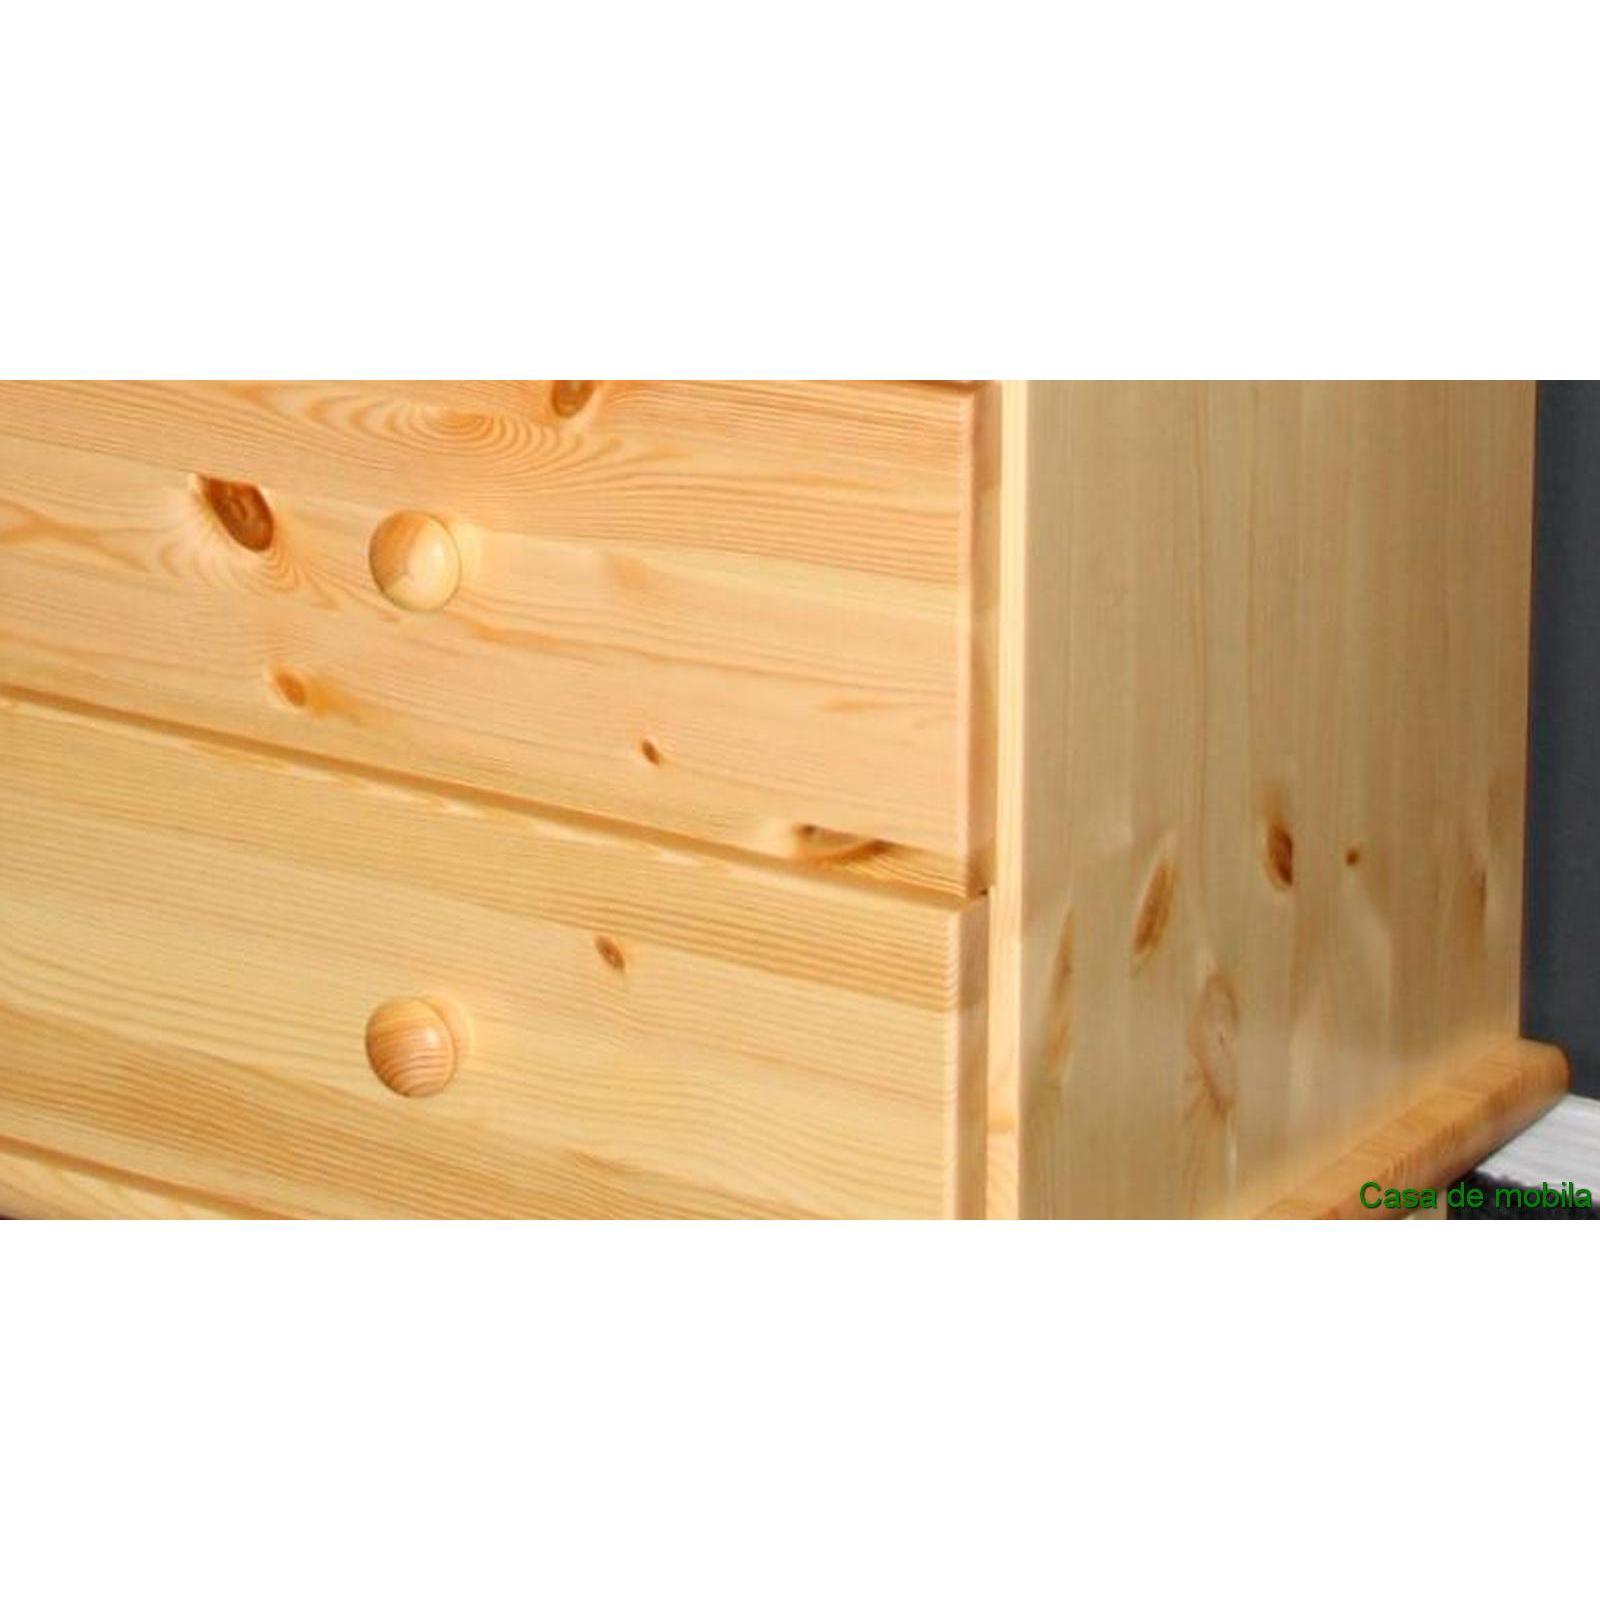 Kommode Kiefer Massiv Natur Lackiert : Massivholz Sideboard Kiefer massiv natur lackiert GOSLAR - Kommode mit ...